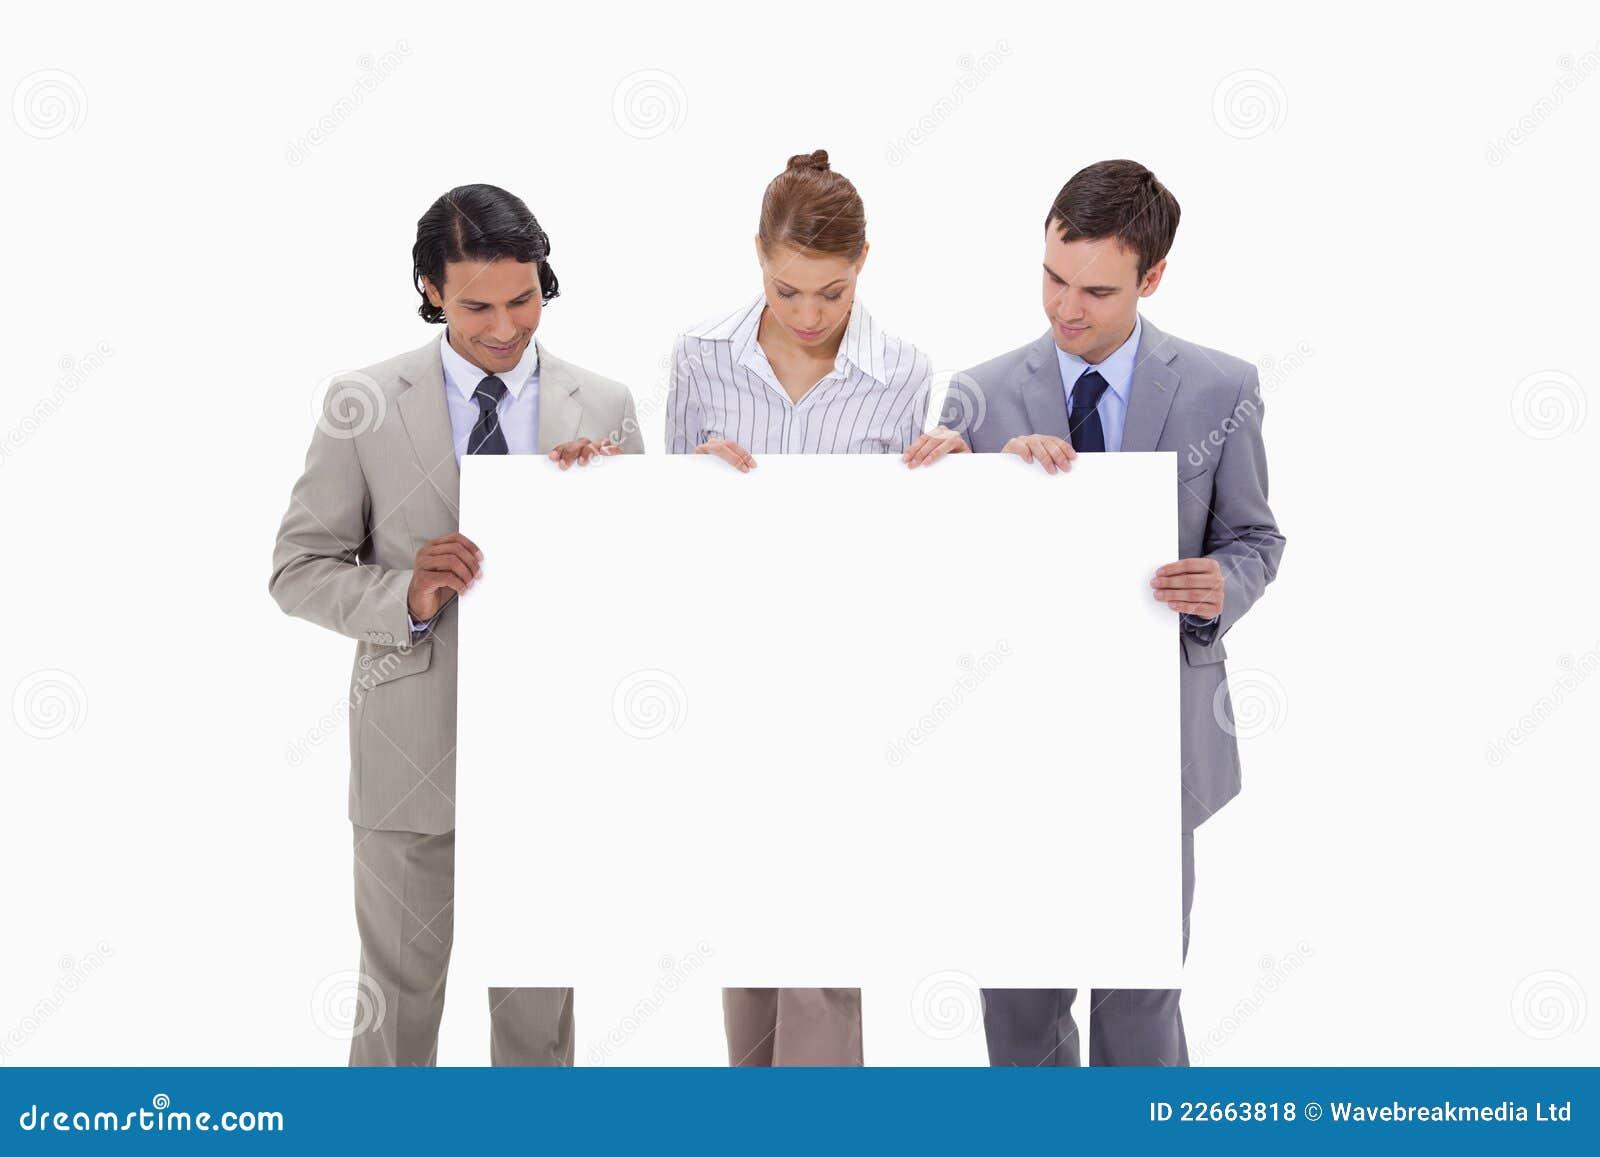 Businessteam смотря пусто подписывает внутри их руки